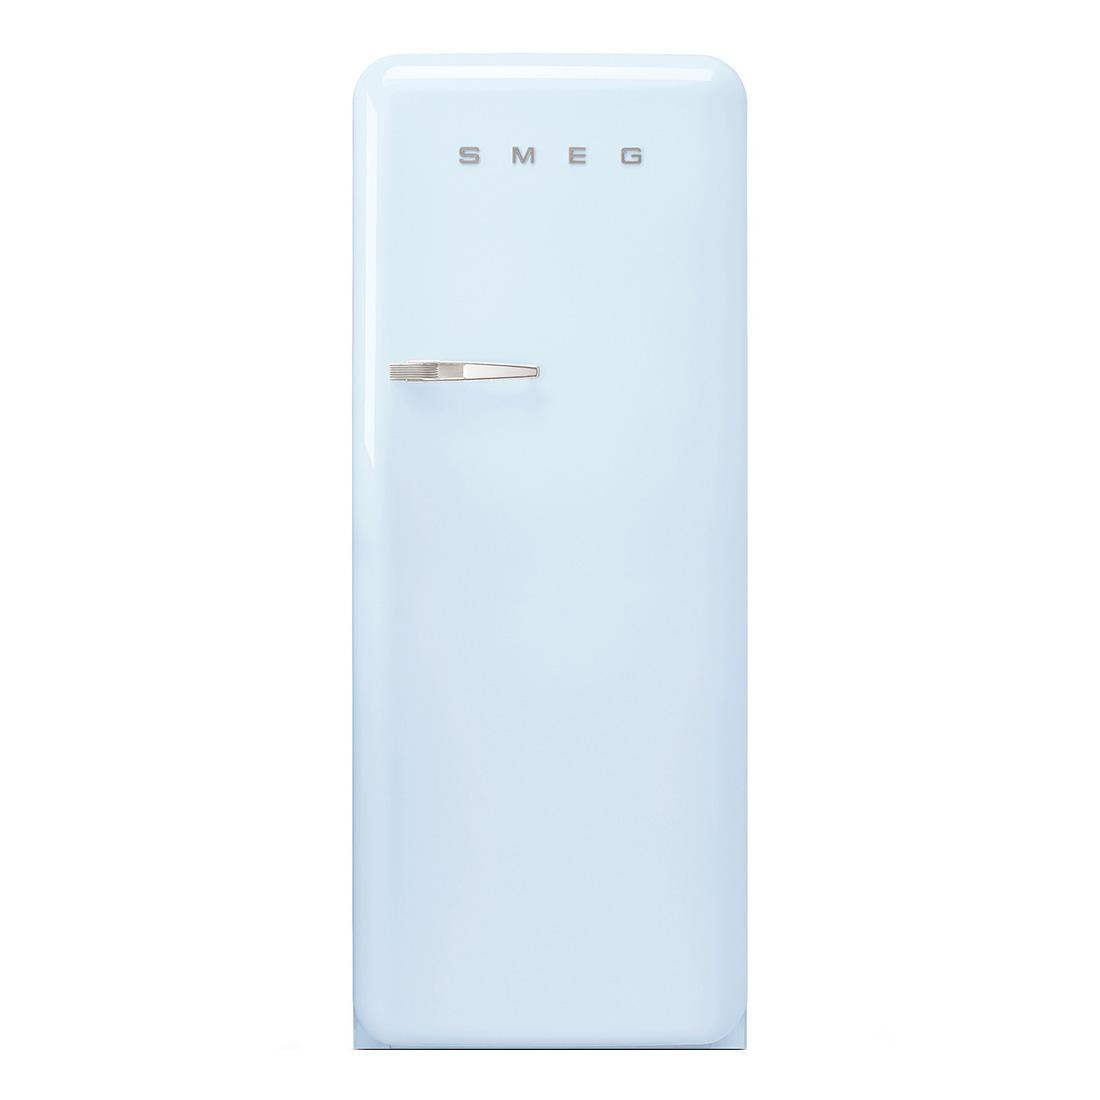 Smeg - FAB28 Kühlschrank mit Gefrierfach - pastellblau/lackiert/Türanschlag rechts/BxHxT 60|1x150x78|8cm | Küche und Esszimmer > Küchenelektrogeräte | Smeg